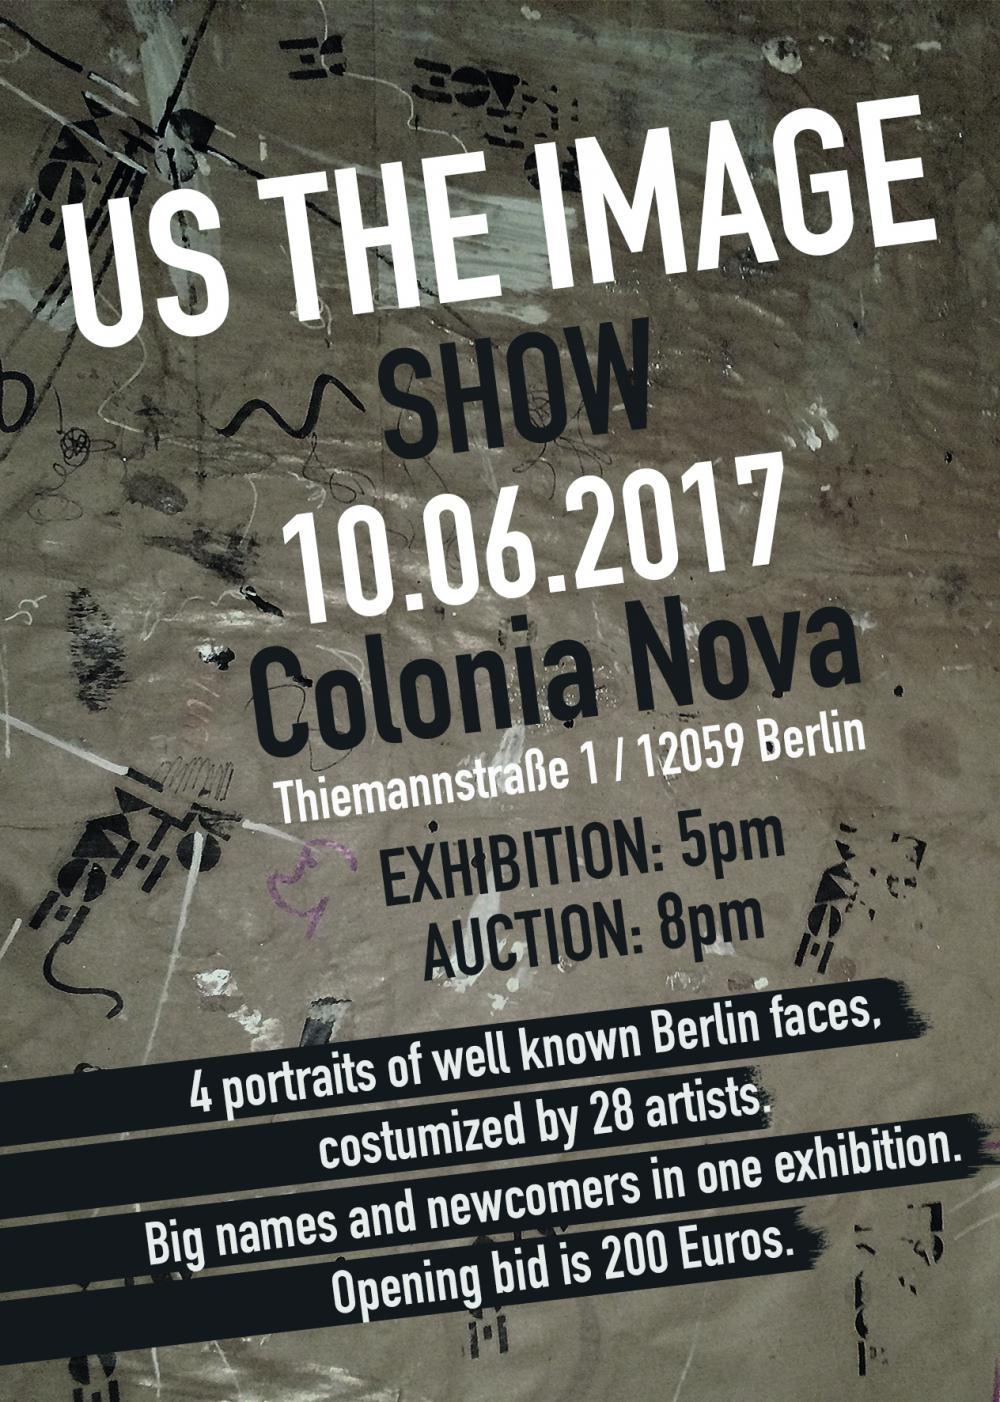 Colonia Nova - Ausstellung und Auktion